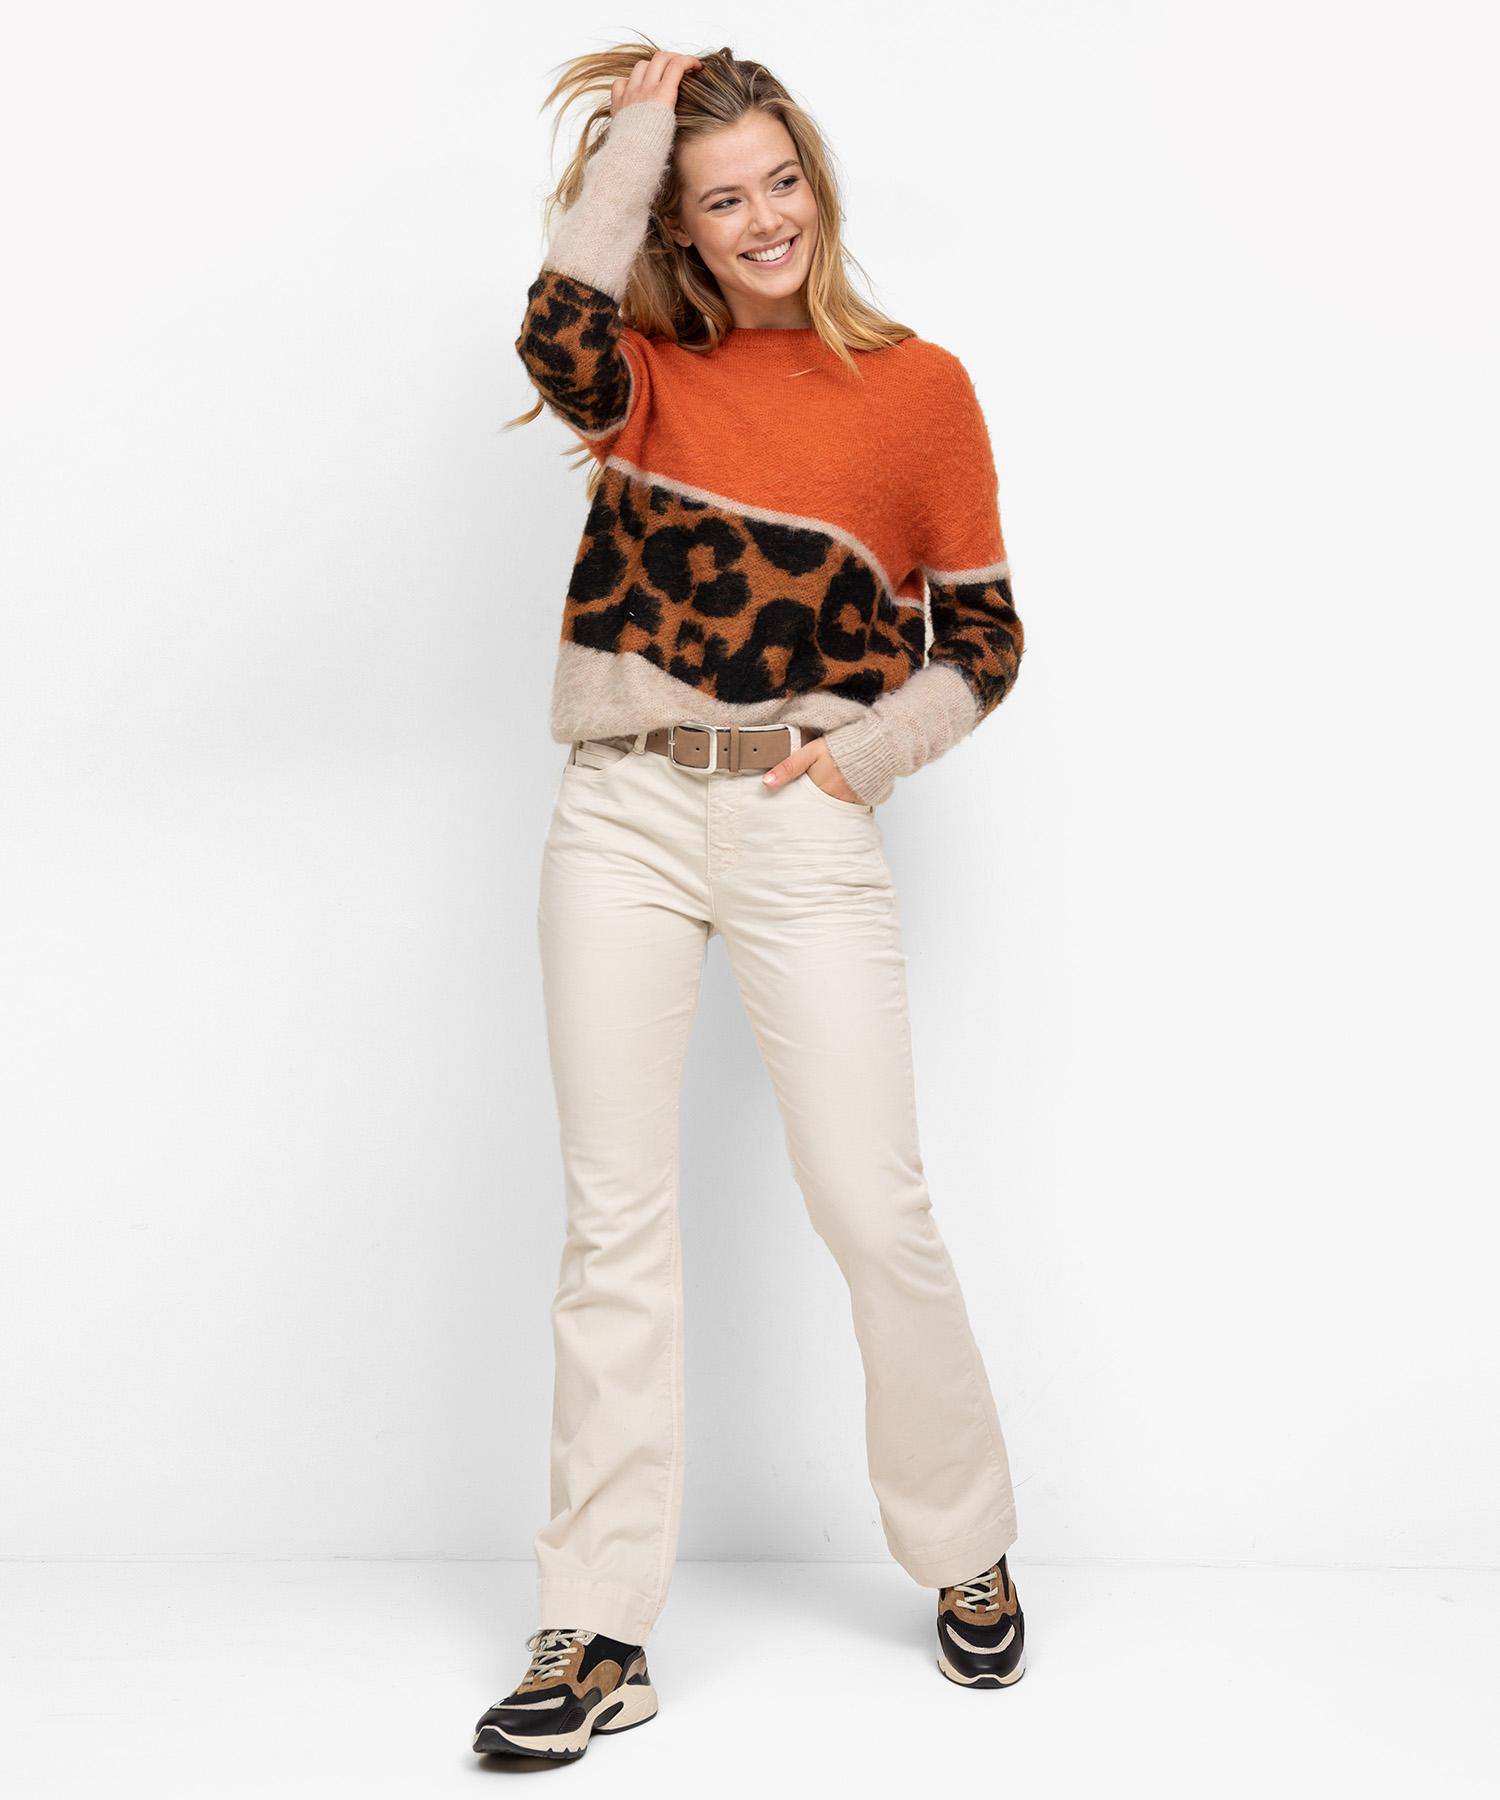 Oui trui leopard